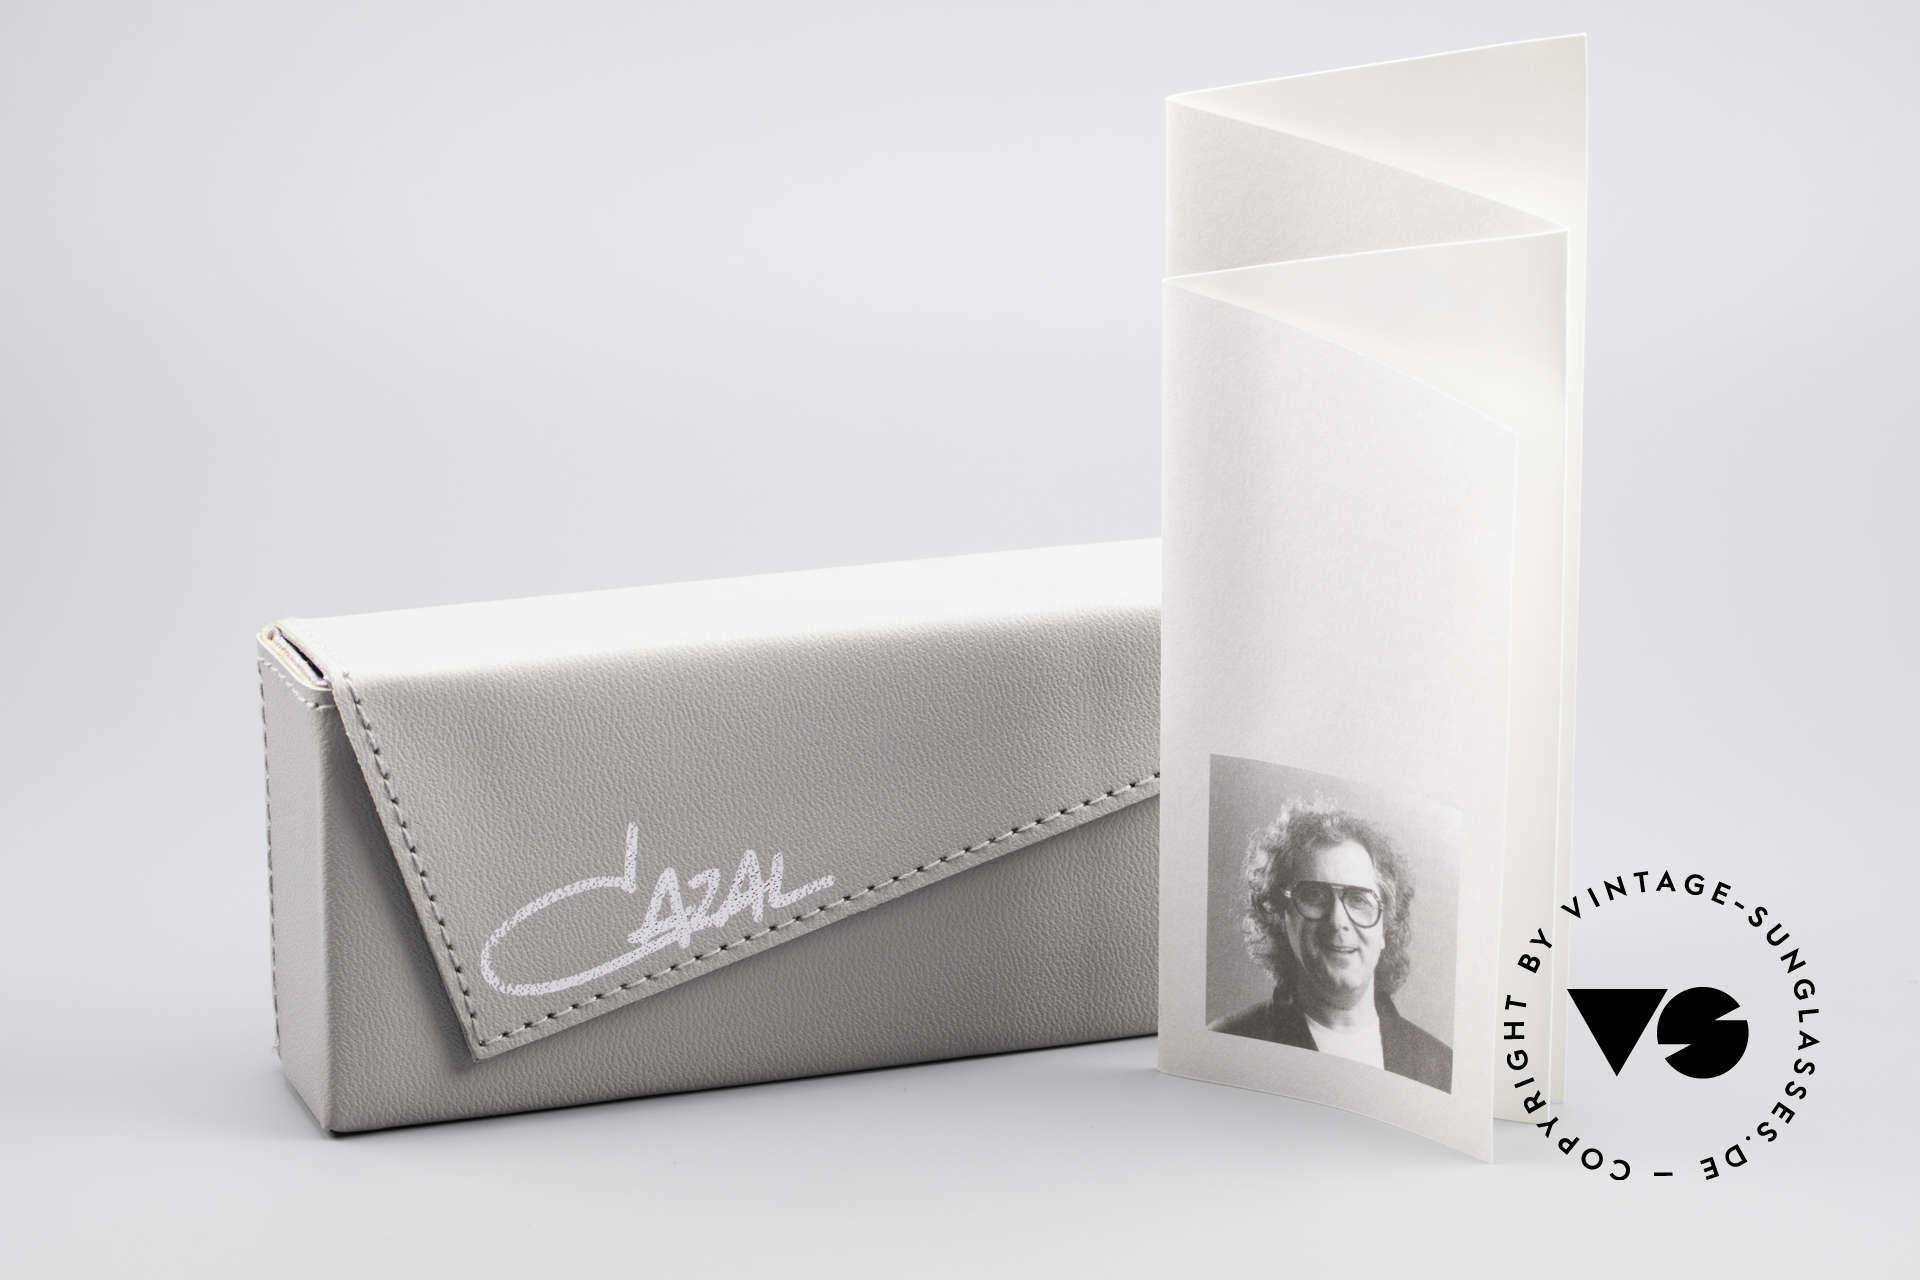 Cazal 637 1980er HipHop Sonnenbrille, Größe: medium, Passend für Herren